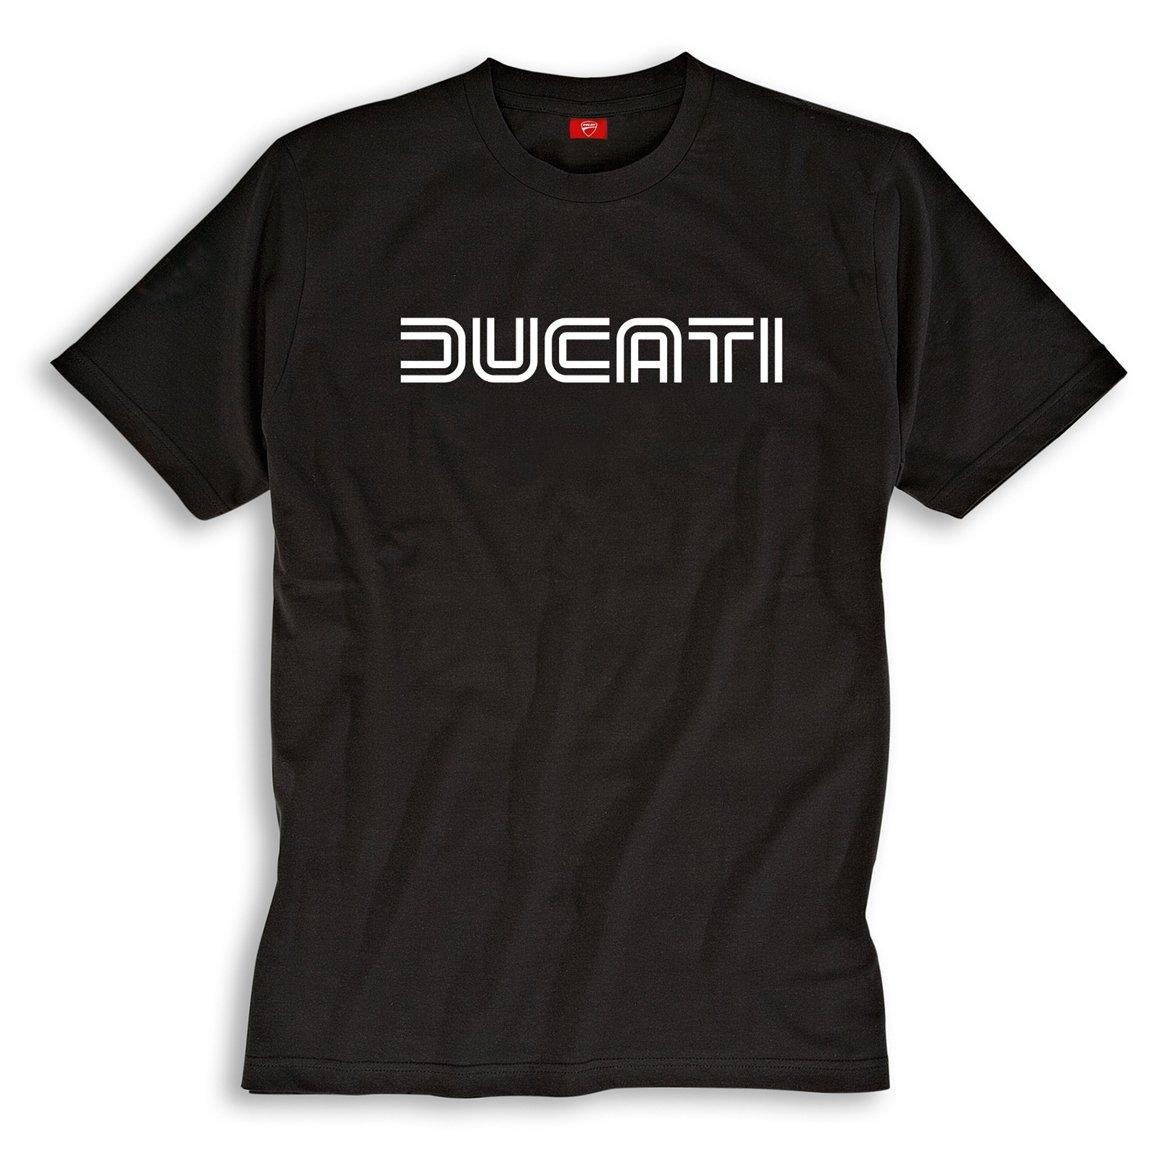 Ducati Ducatiana 80's Eighties Short Sleeve T-Shirt Black Medium